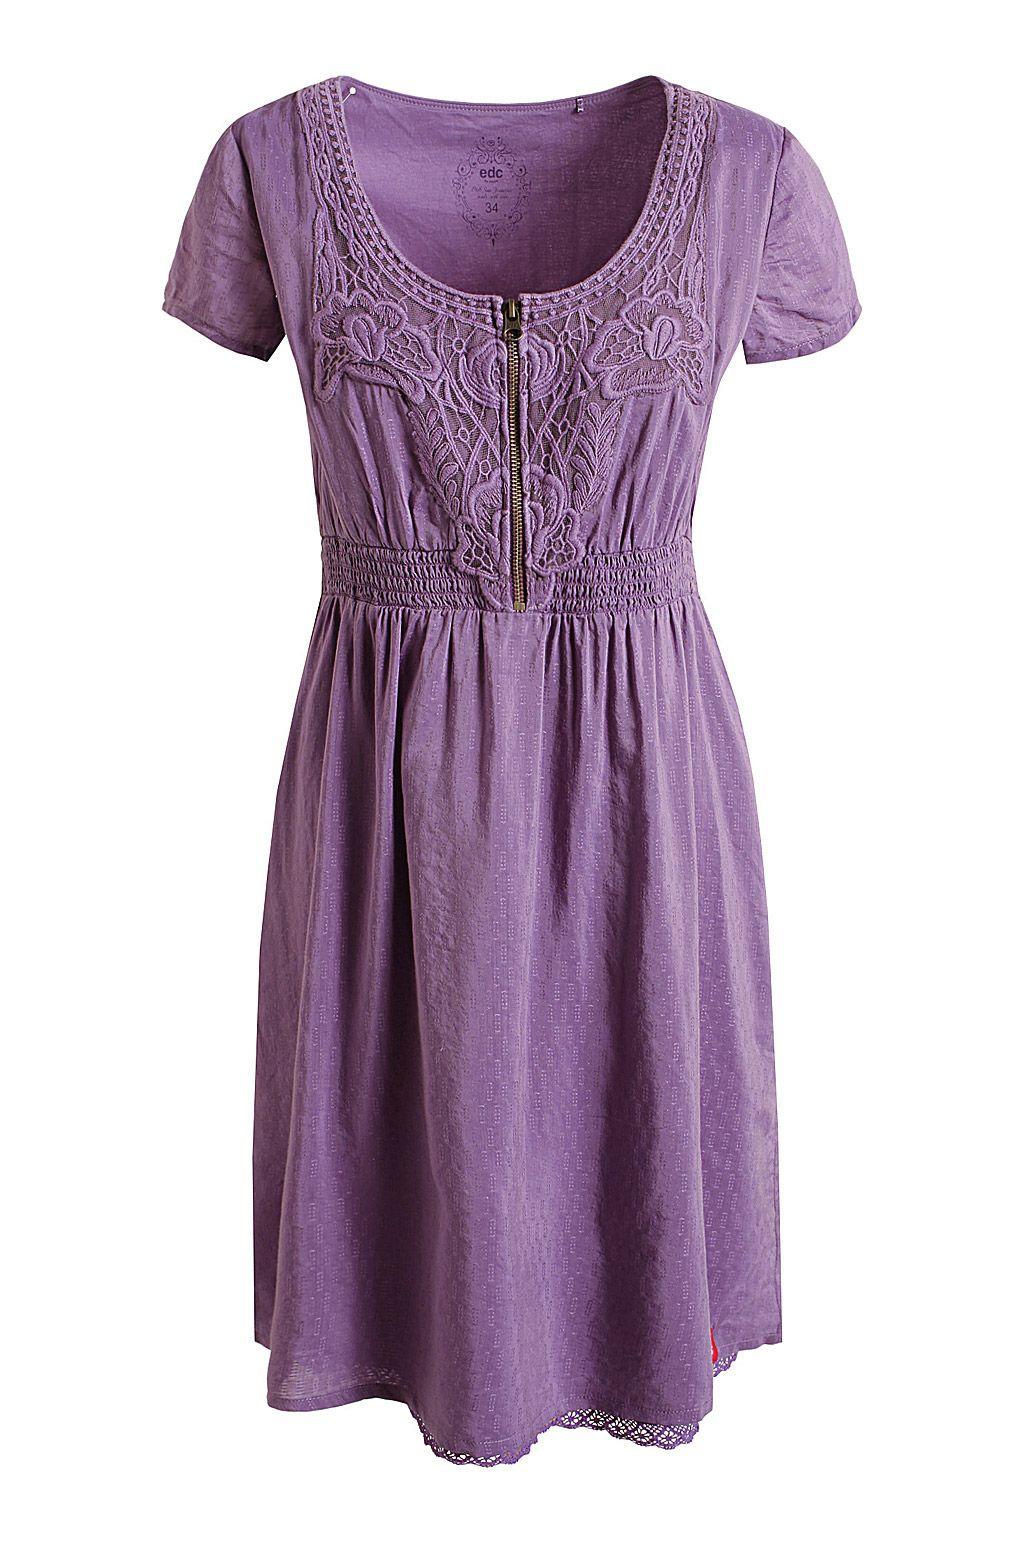 Robe en coton/viscose EDC - La boutique Esprit